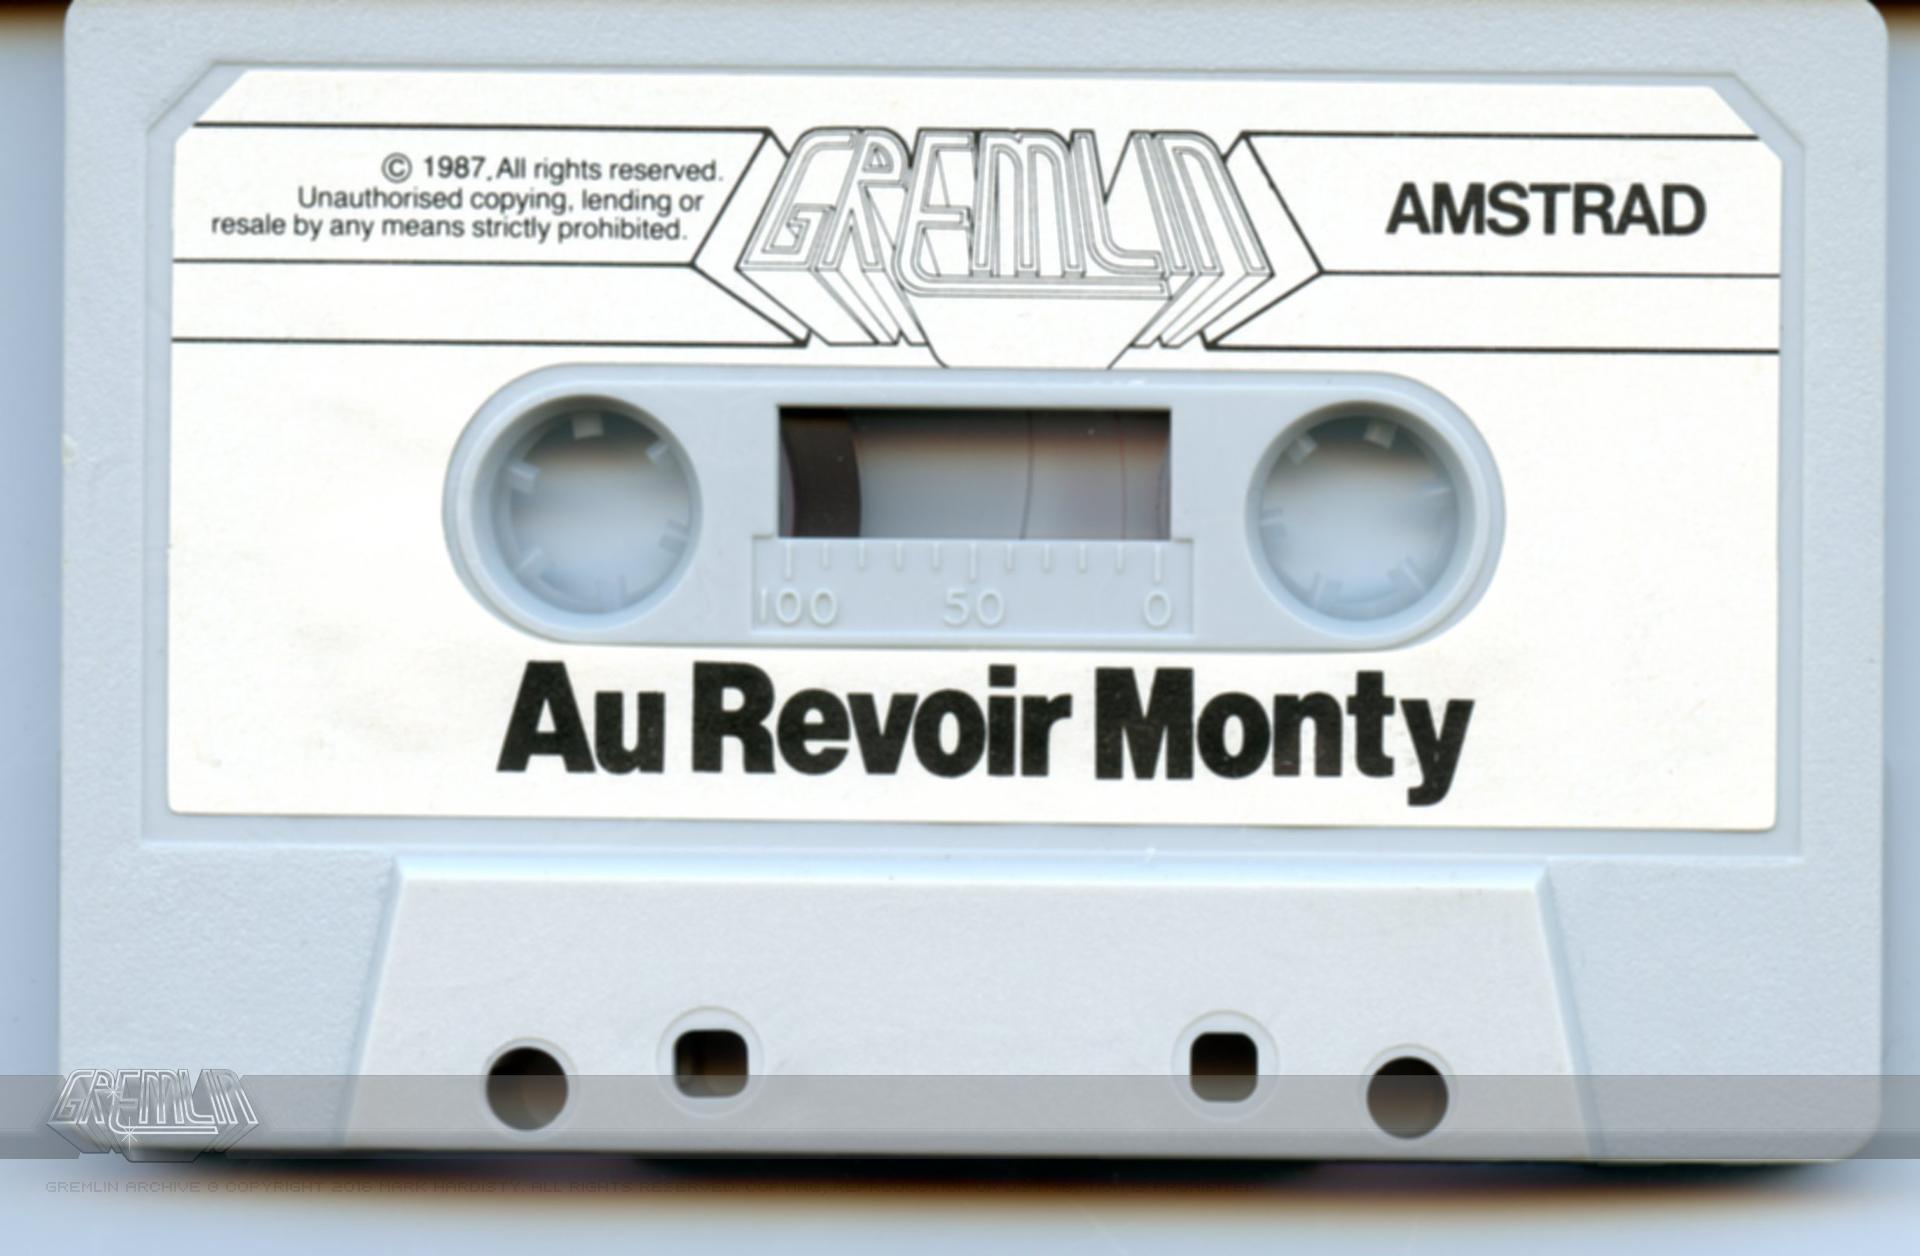 Au Revior Monty Cassette